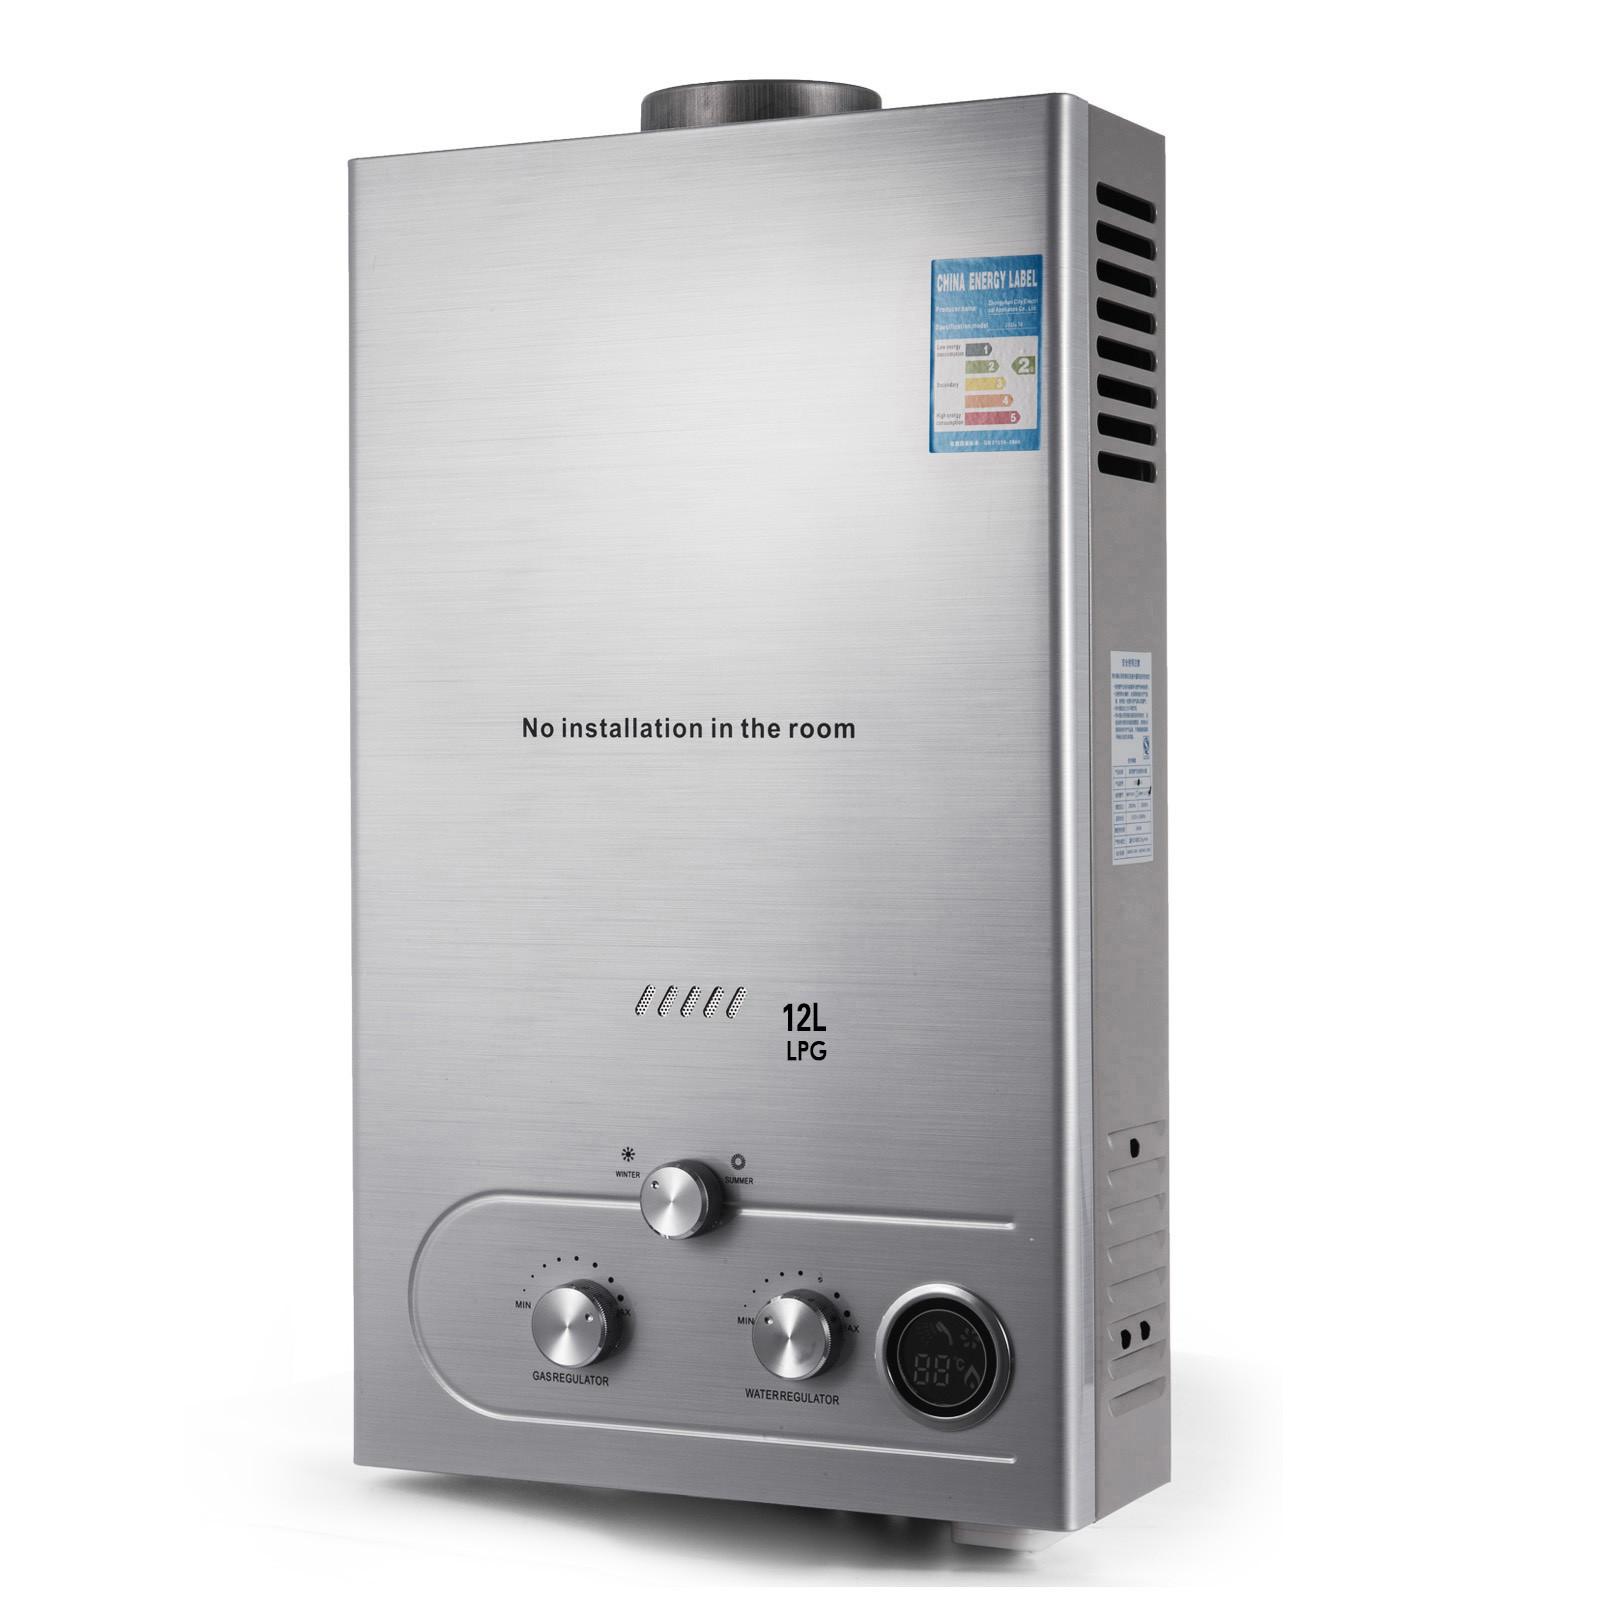 Propangas-Gas-Durchlauferhitzer-Warmwasserbereiter-Boiler-Warmwasserspeicher Indexbild 63